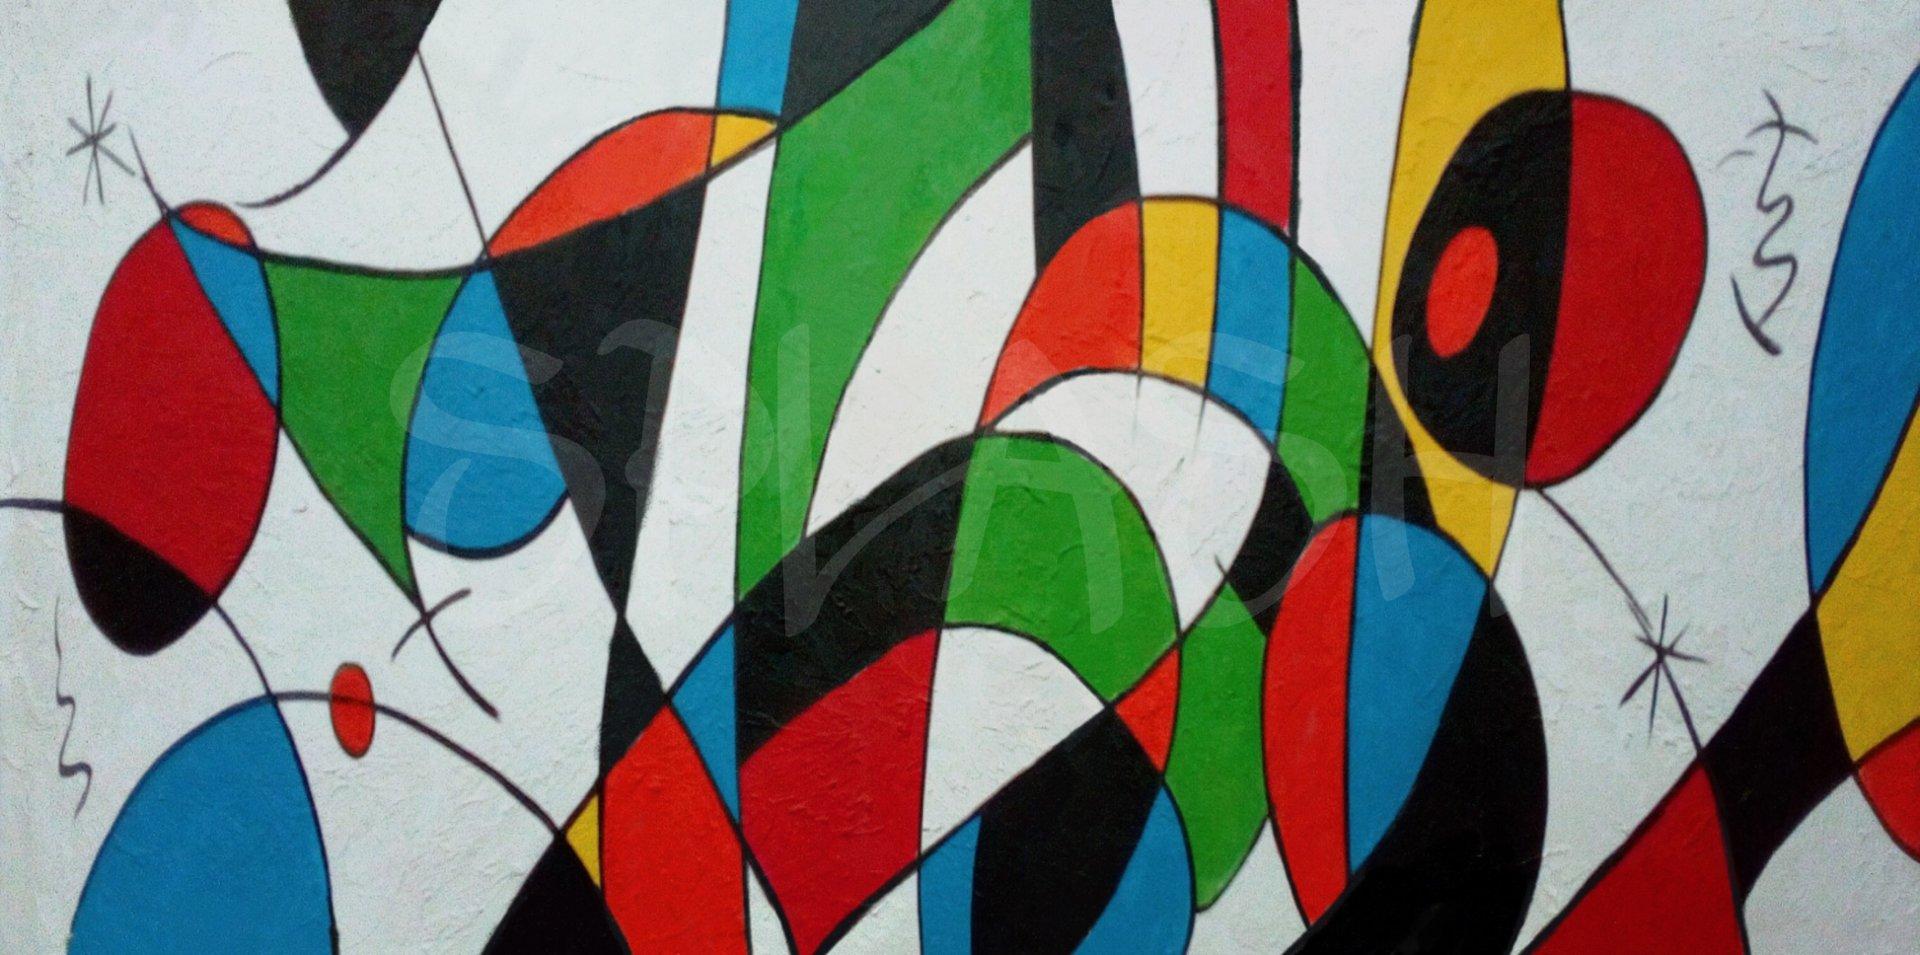 Cuadros abstractos de colores rojo amarillo negro verde y - Cuadros de colores ...